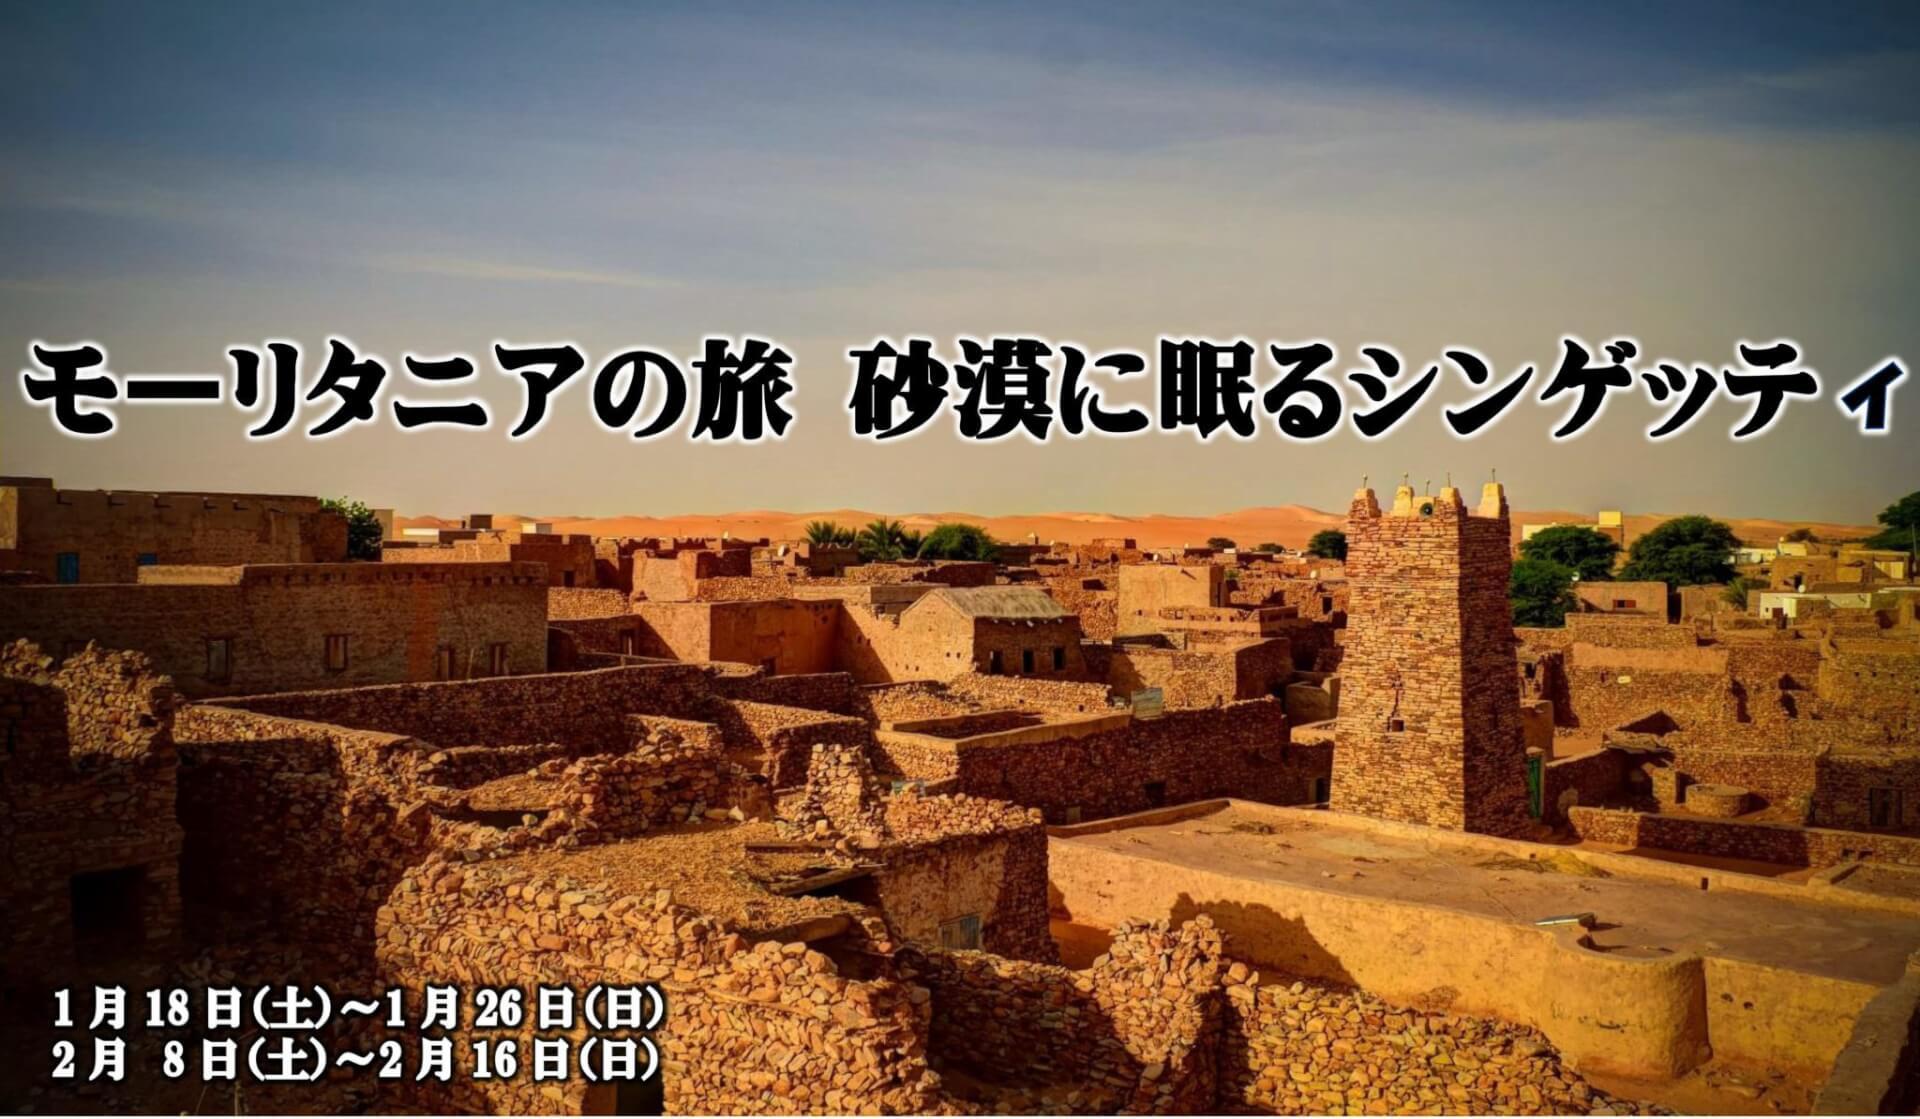 モーリタニアの旅 砂漠に眠る世界遺産・シンゲッティへ【9日間】